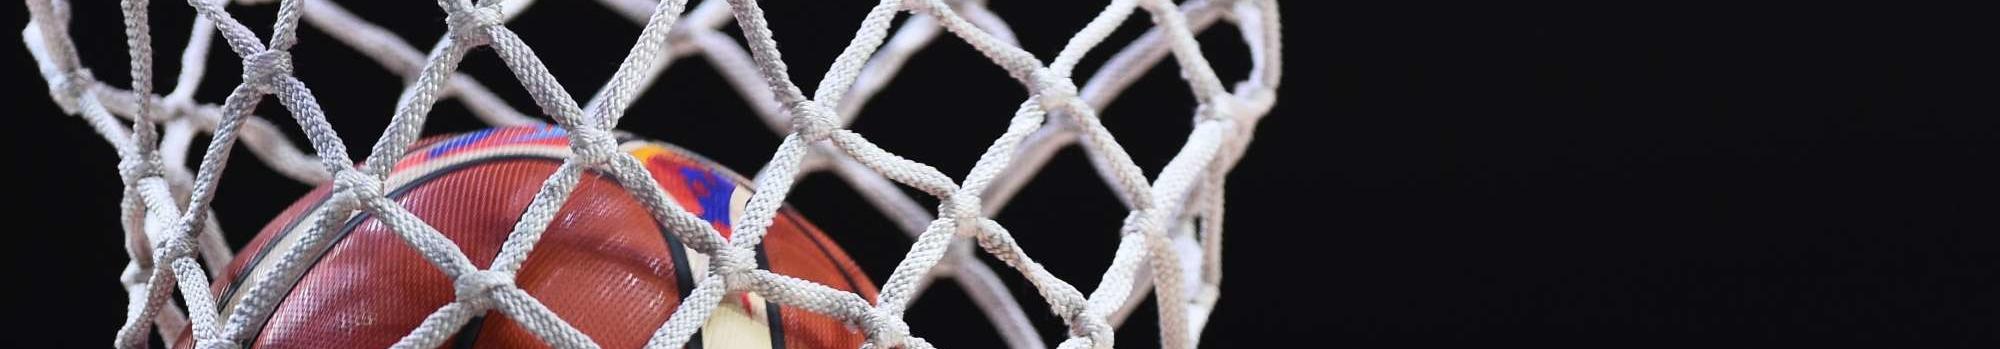 Tutto quello che c'è da sapere sulla nuova stagione NBA: mercato, gerarchie, quote vincente, sorprese